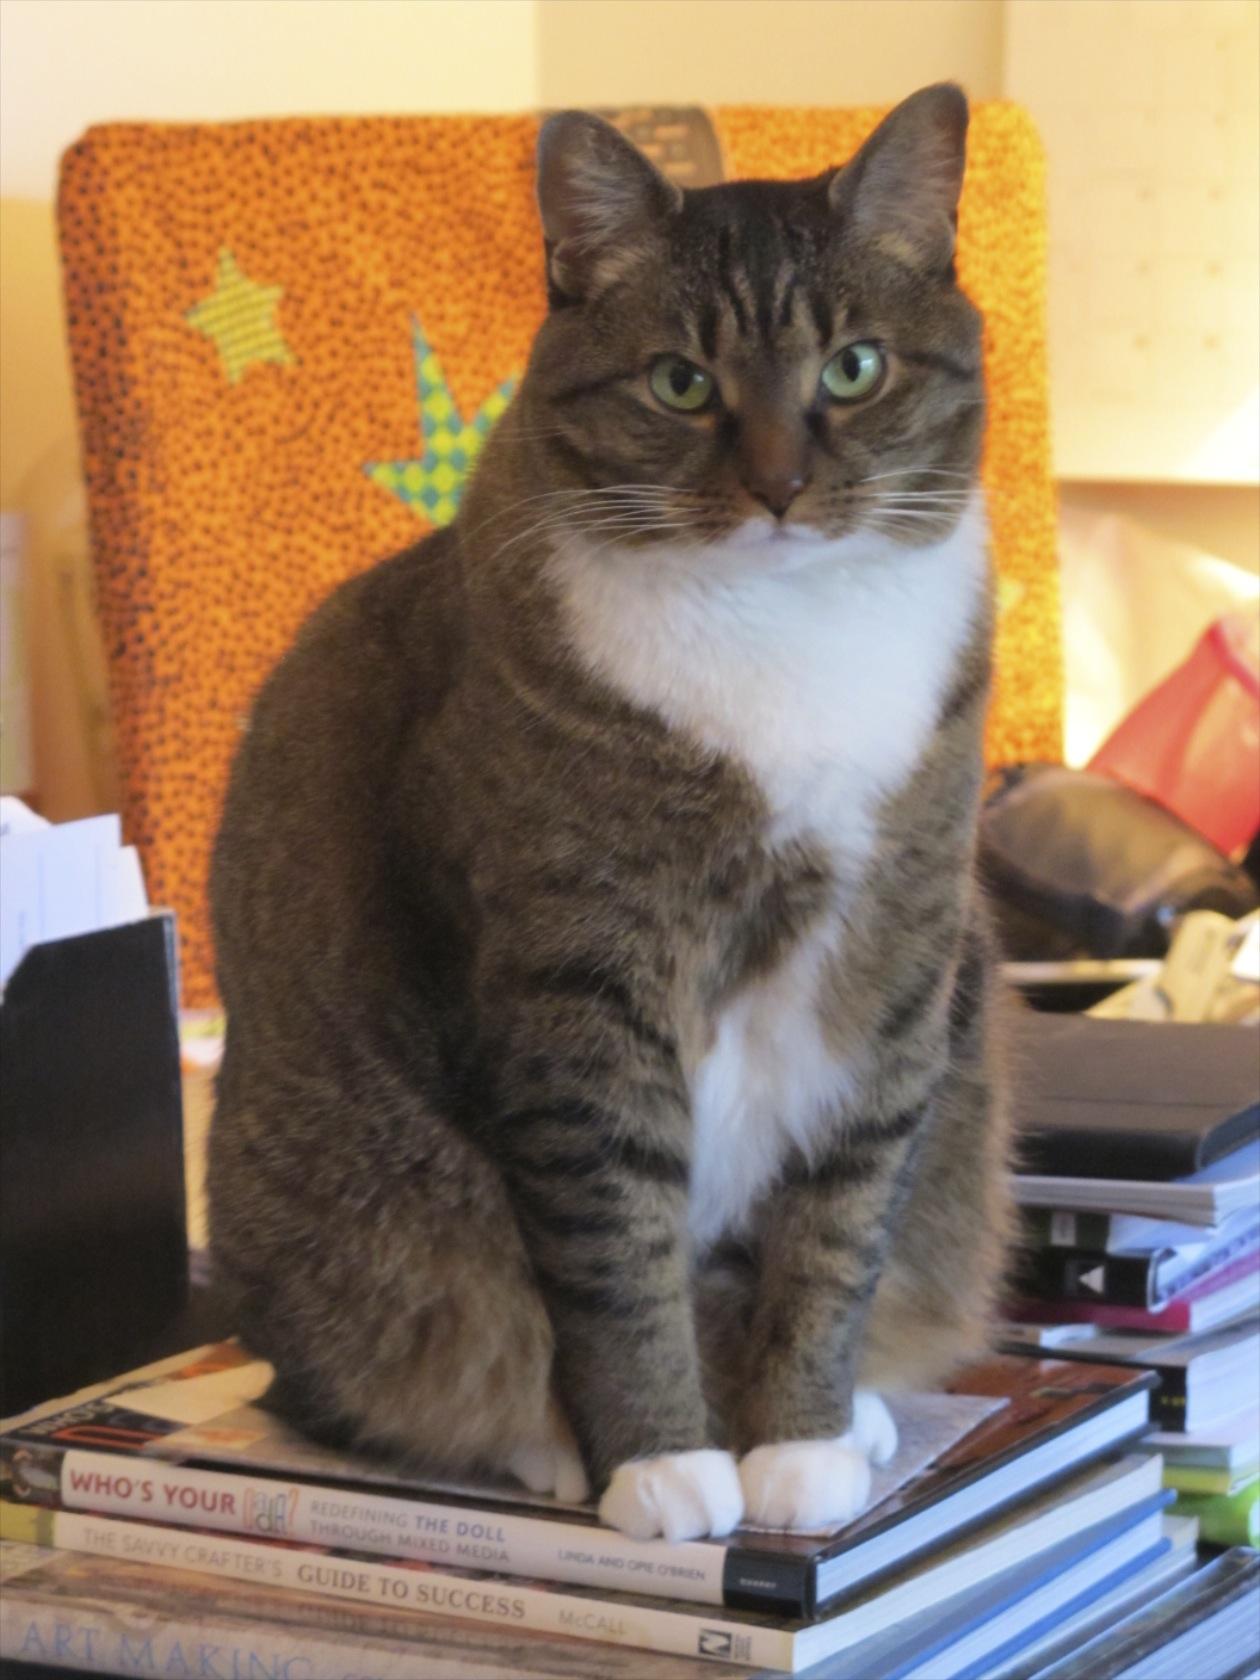 Kush the cat